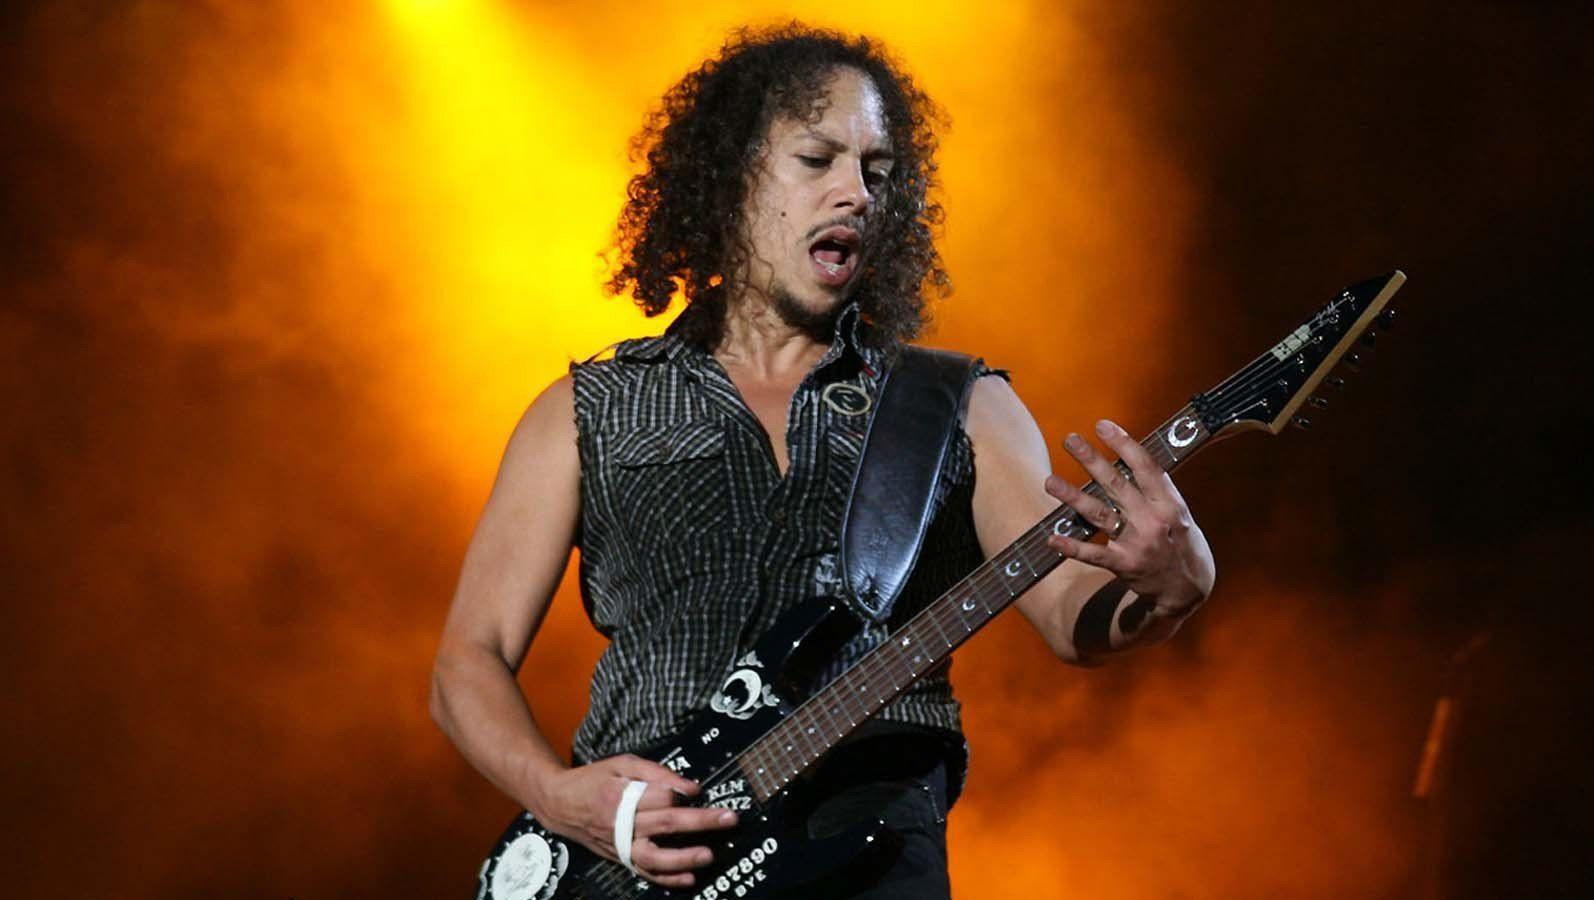 Metallica's hammett rejects popularity polls